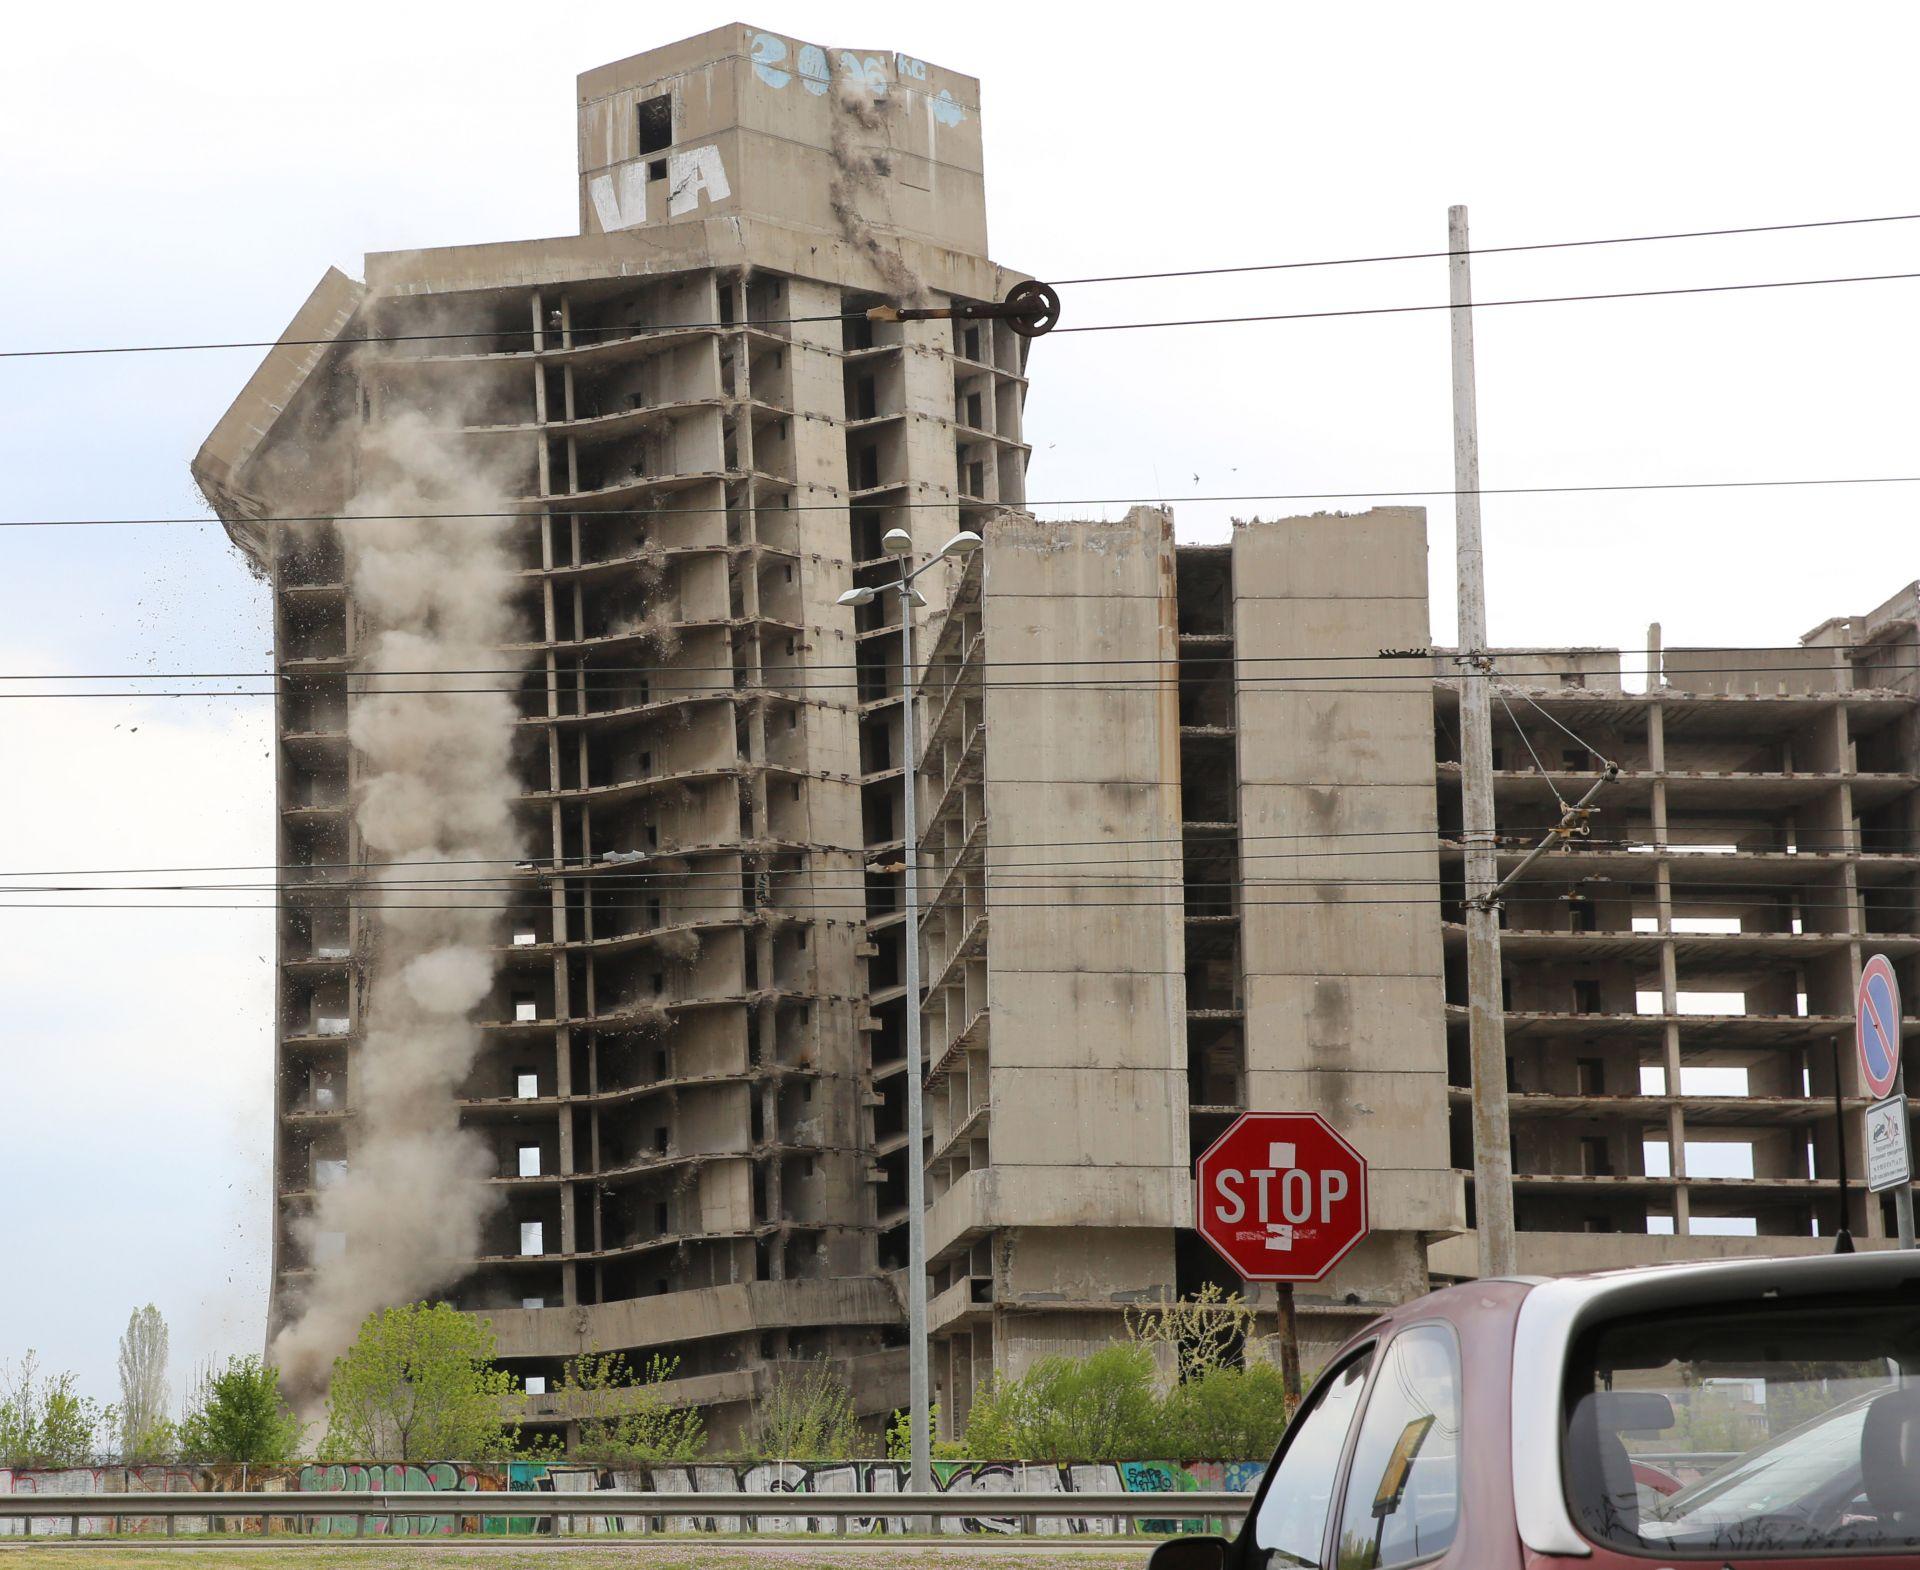 Сградата бе разрушена поради нефункционалните й характеристики и конструктивни проблеми.